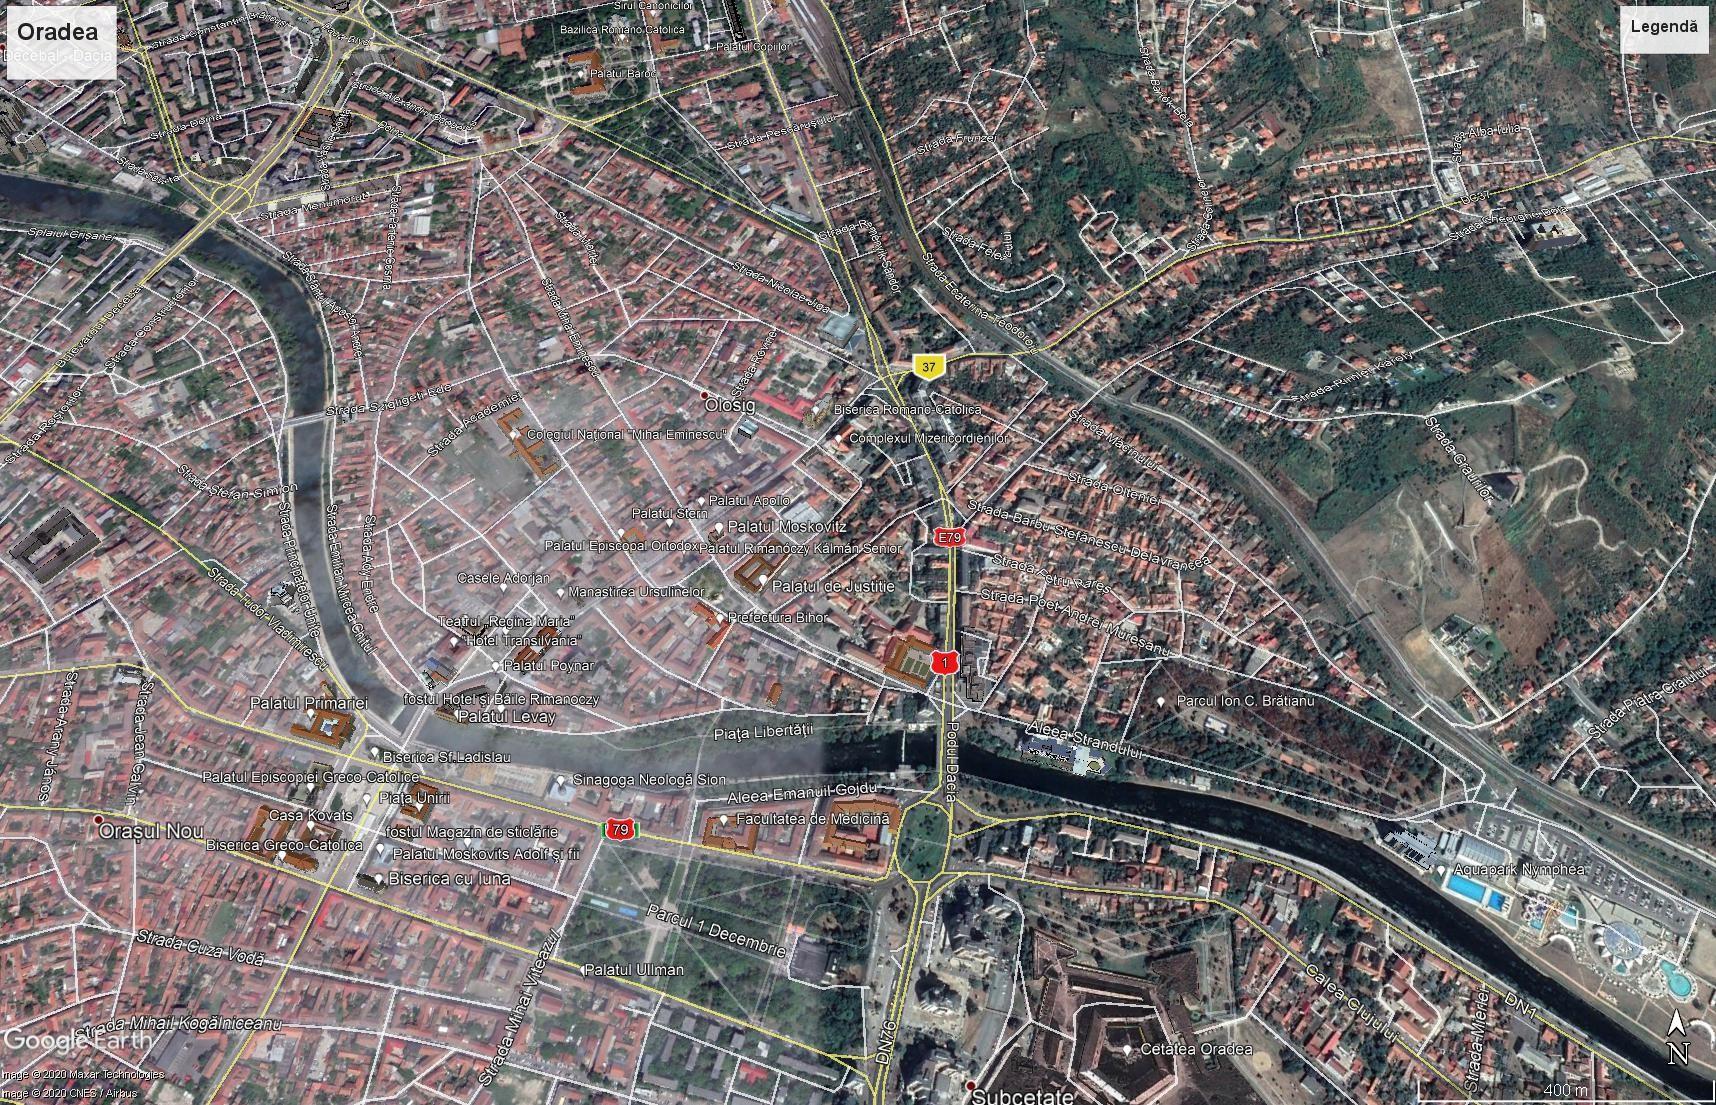 Oradea map